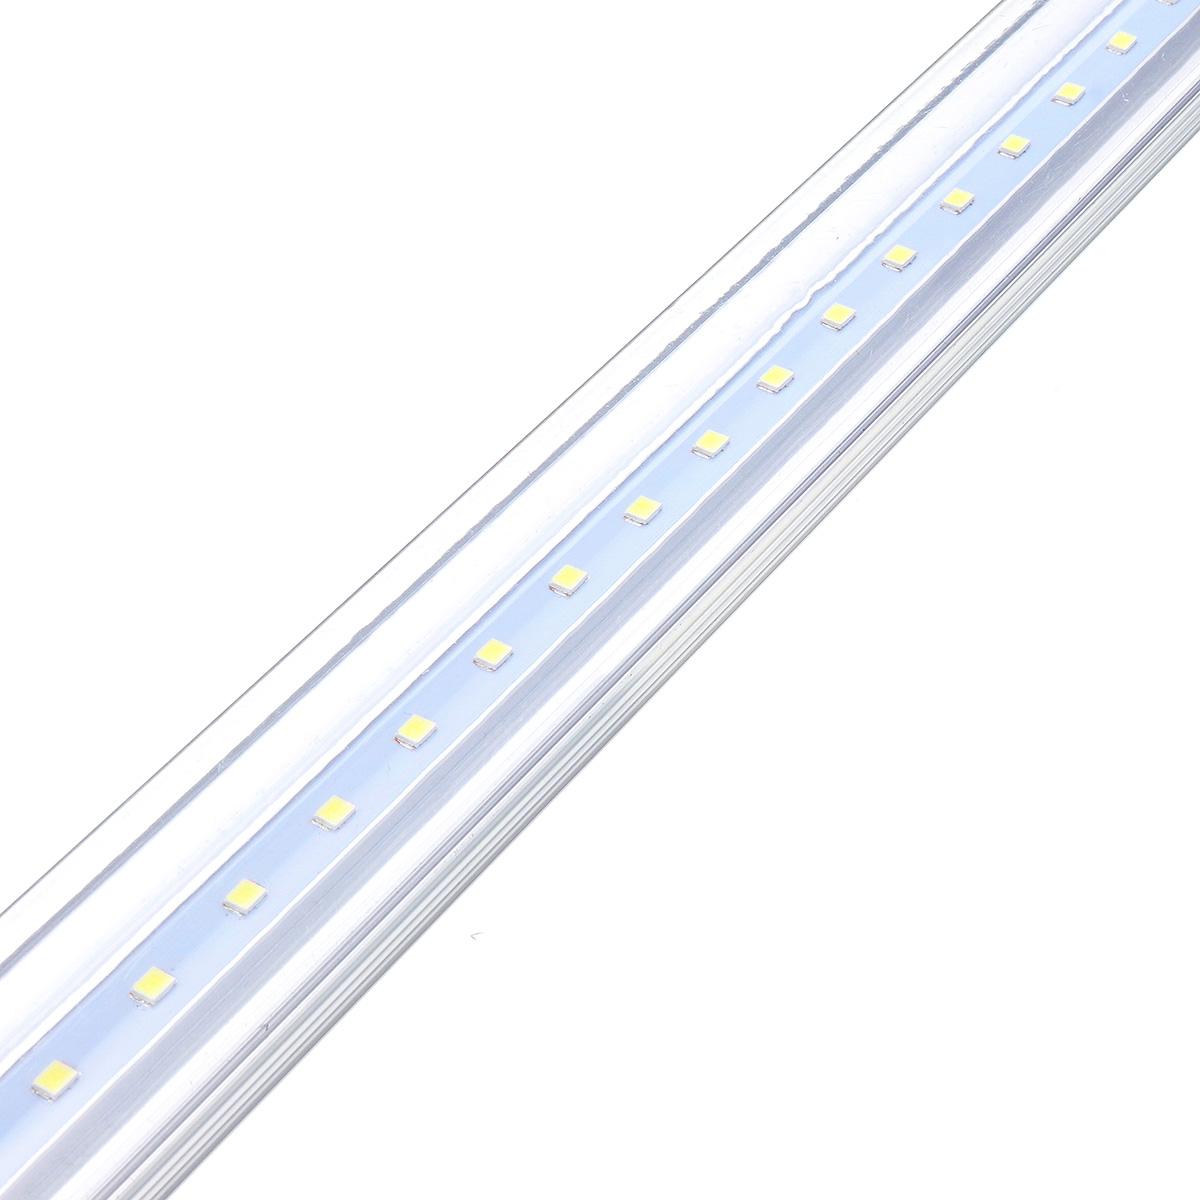 10PCS 50cm T8 G13 8W SMD2835 Fluorescent Bulbs 36 LED Tube Light for Indoor Home Decor AC85-265V